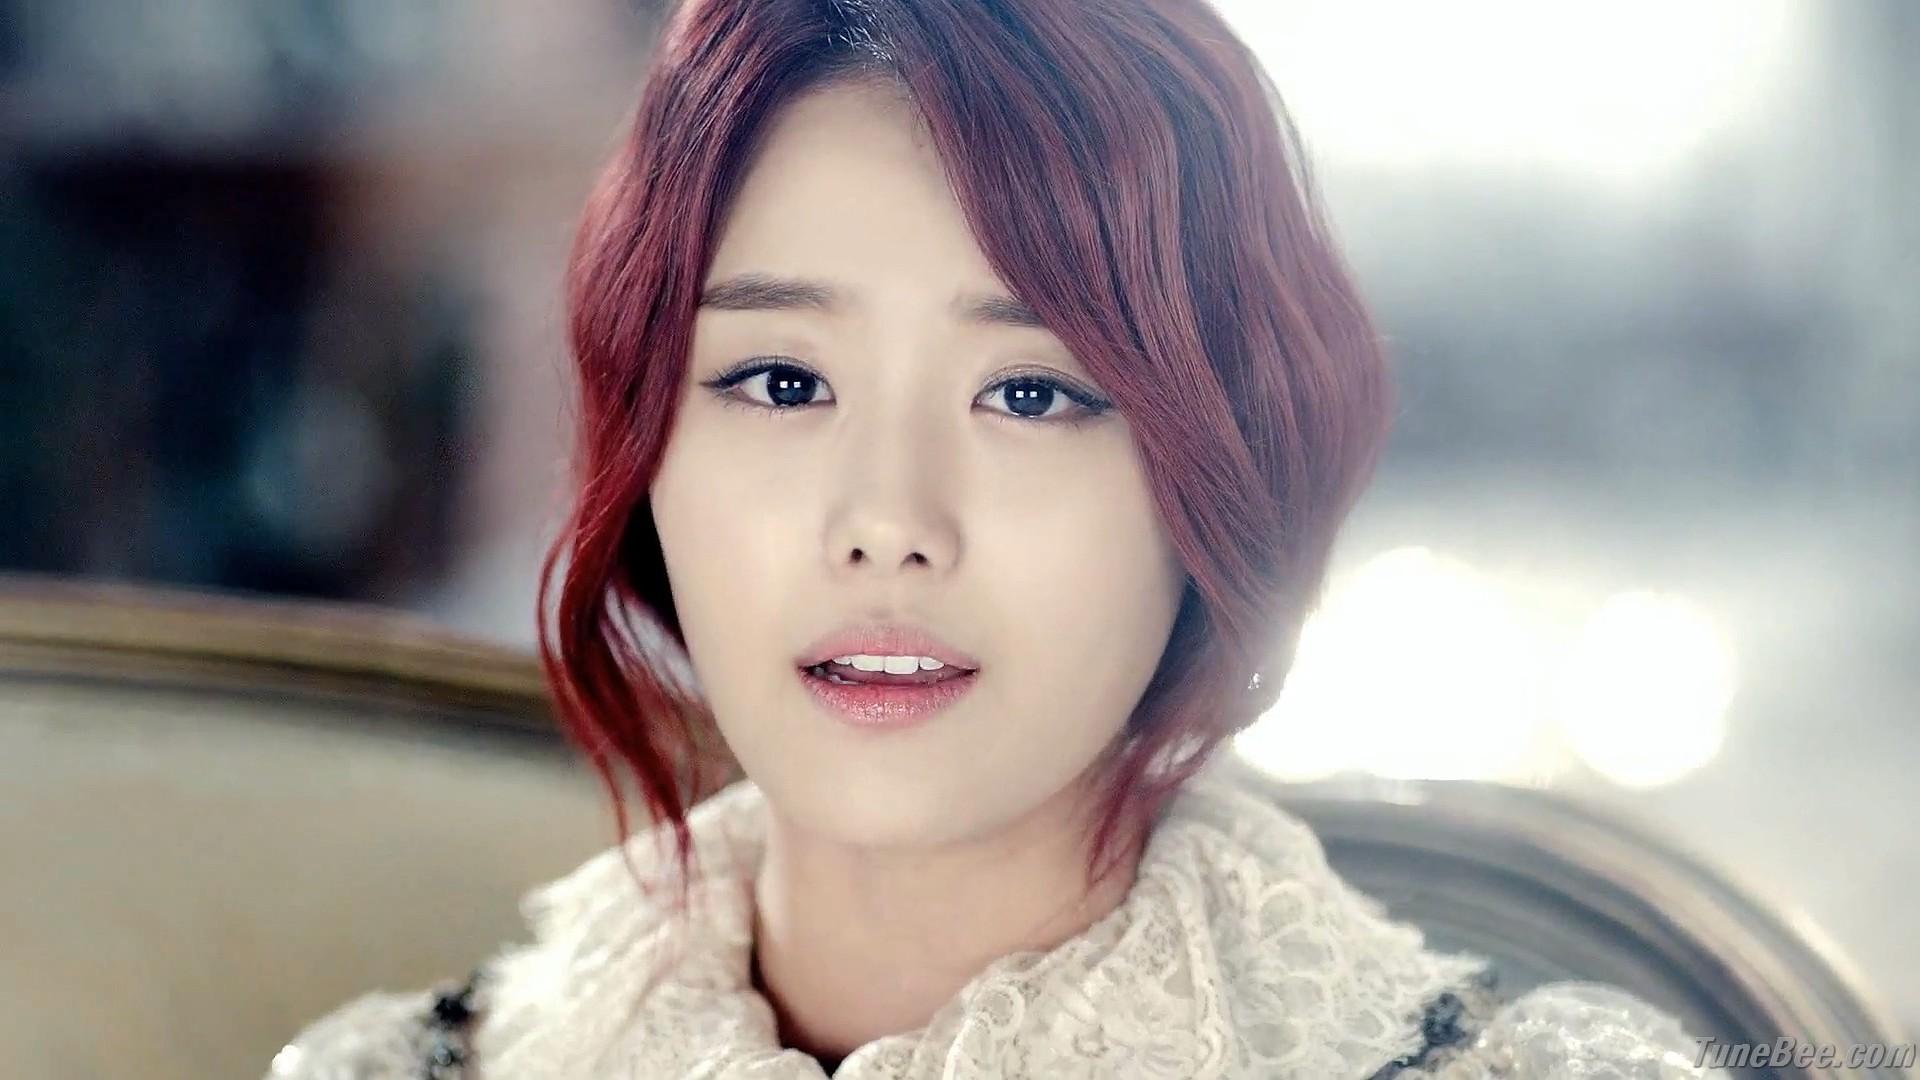 Secrets Song Jieun reveals Lee Kwang Soo as ideal type